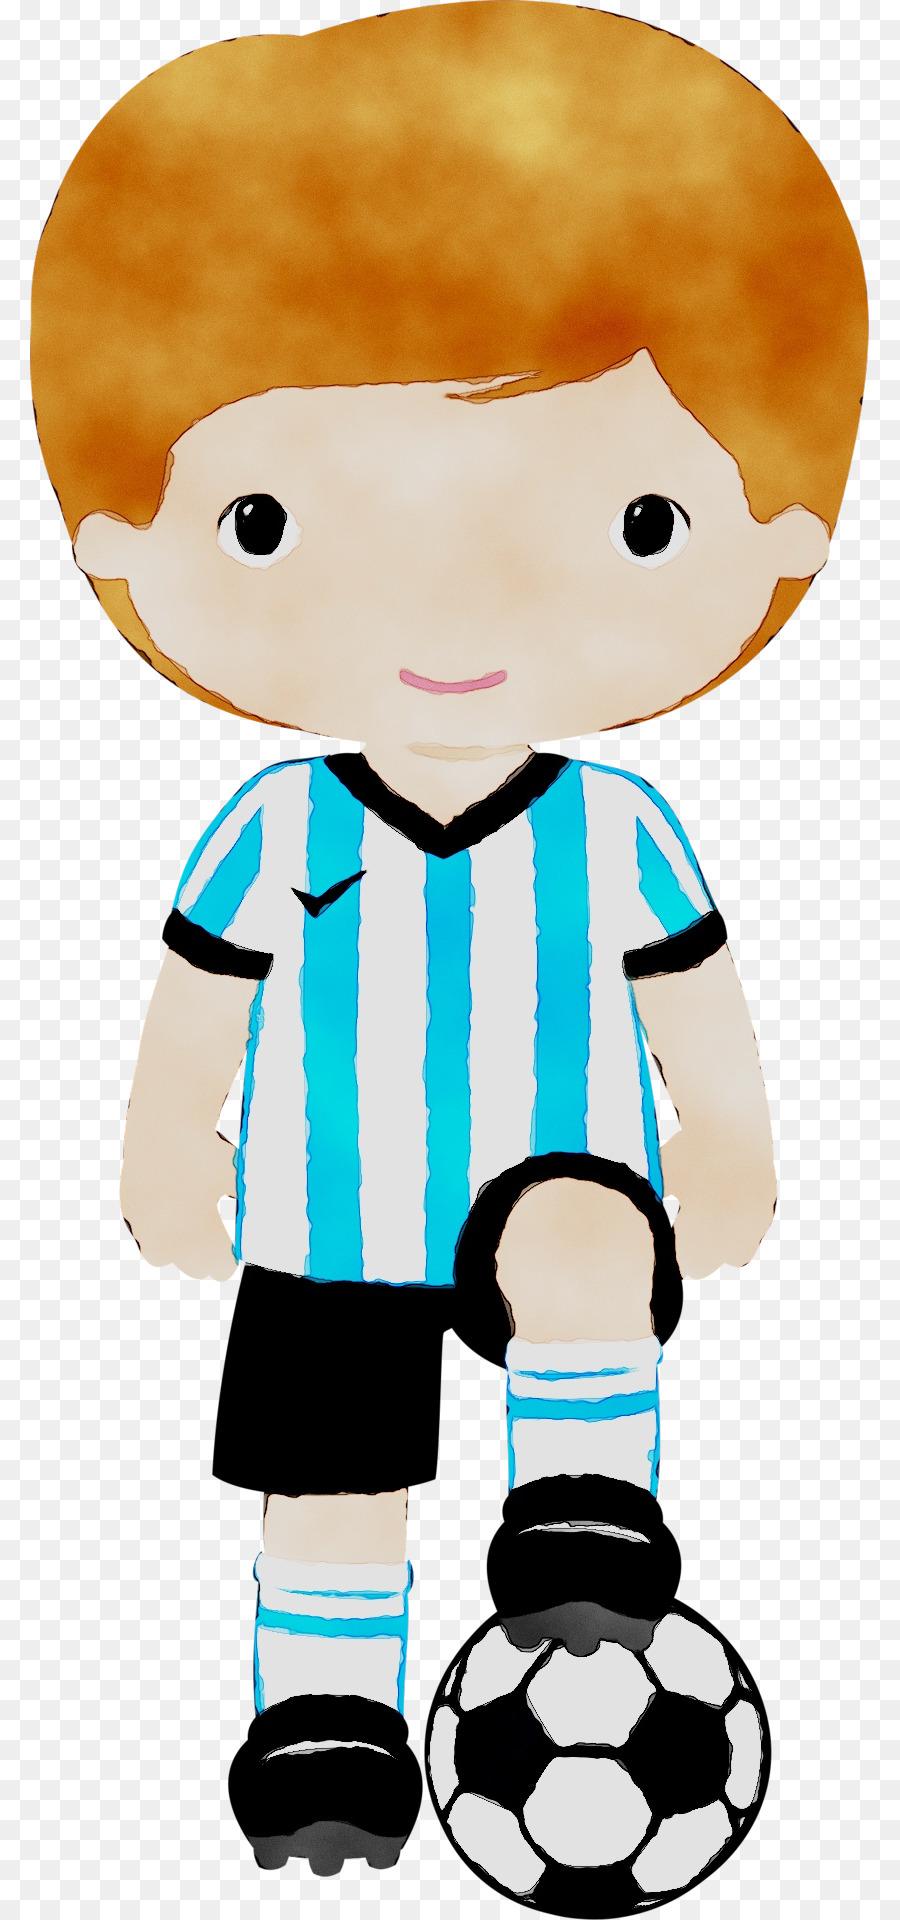 Fußballspieler Sportler ClipArt.